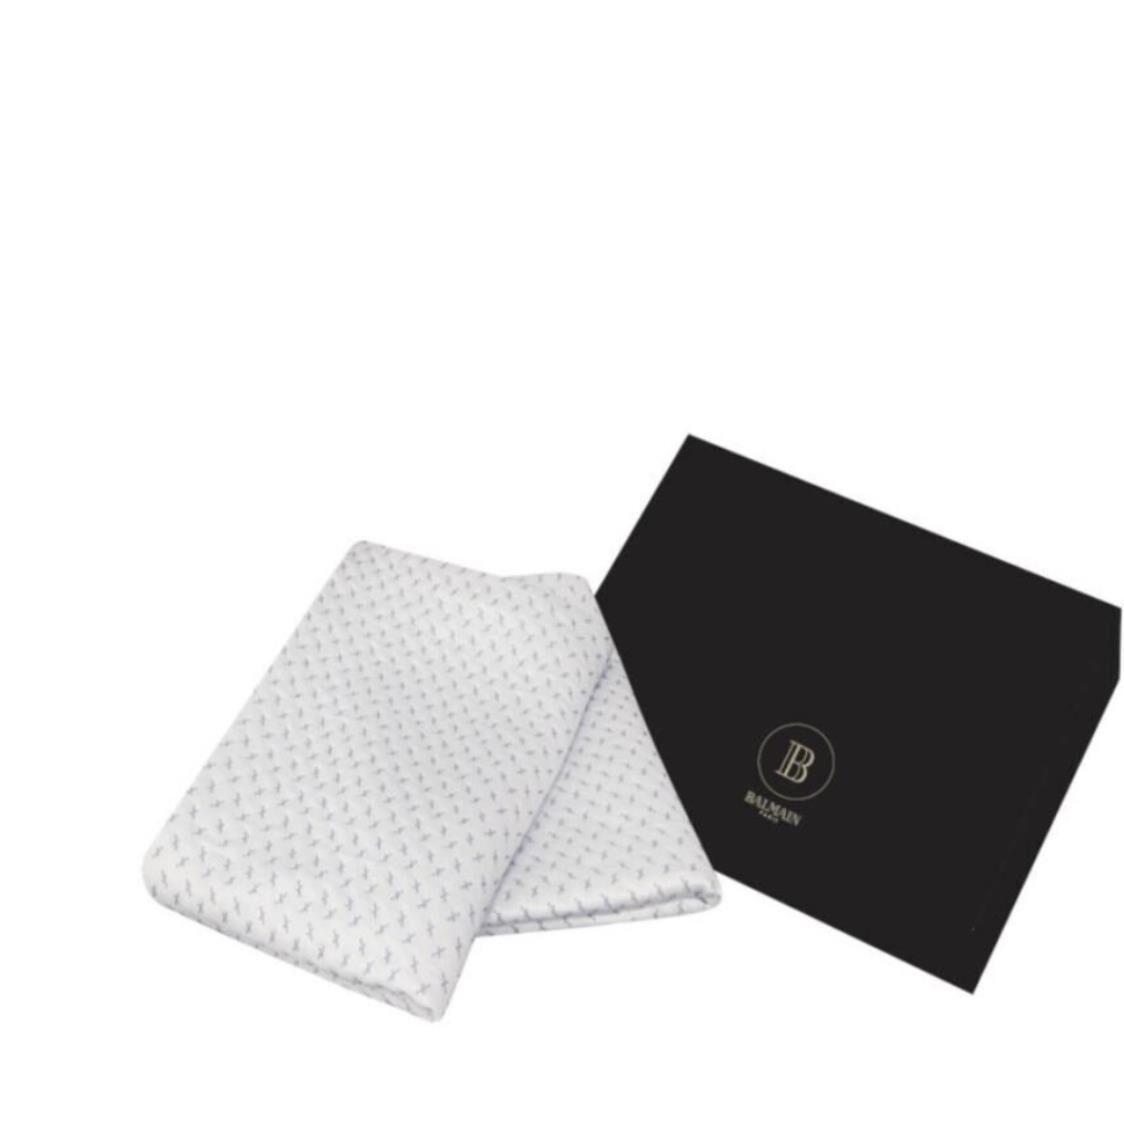 Balmain Cooltech Pillow Protector